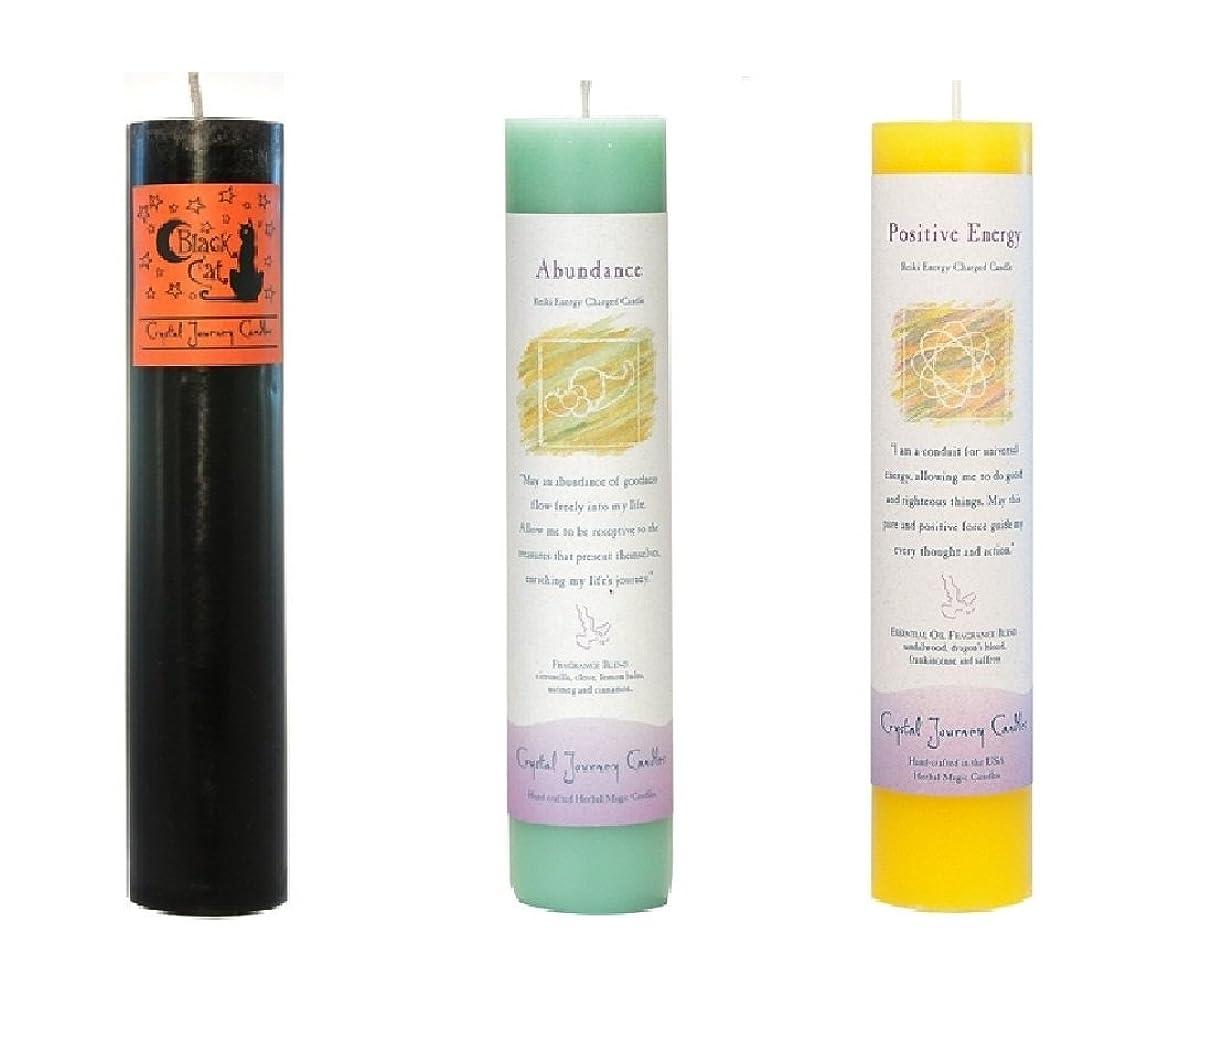 費用流飼いならす(Black Cat, Abundance, Positive Energy) - Crystal Journey Reiki Charged Herbal Magic Pillar Candle Bundle (Black Cat, Abundance, Positive Energy)